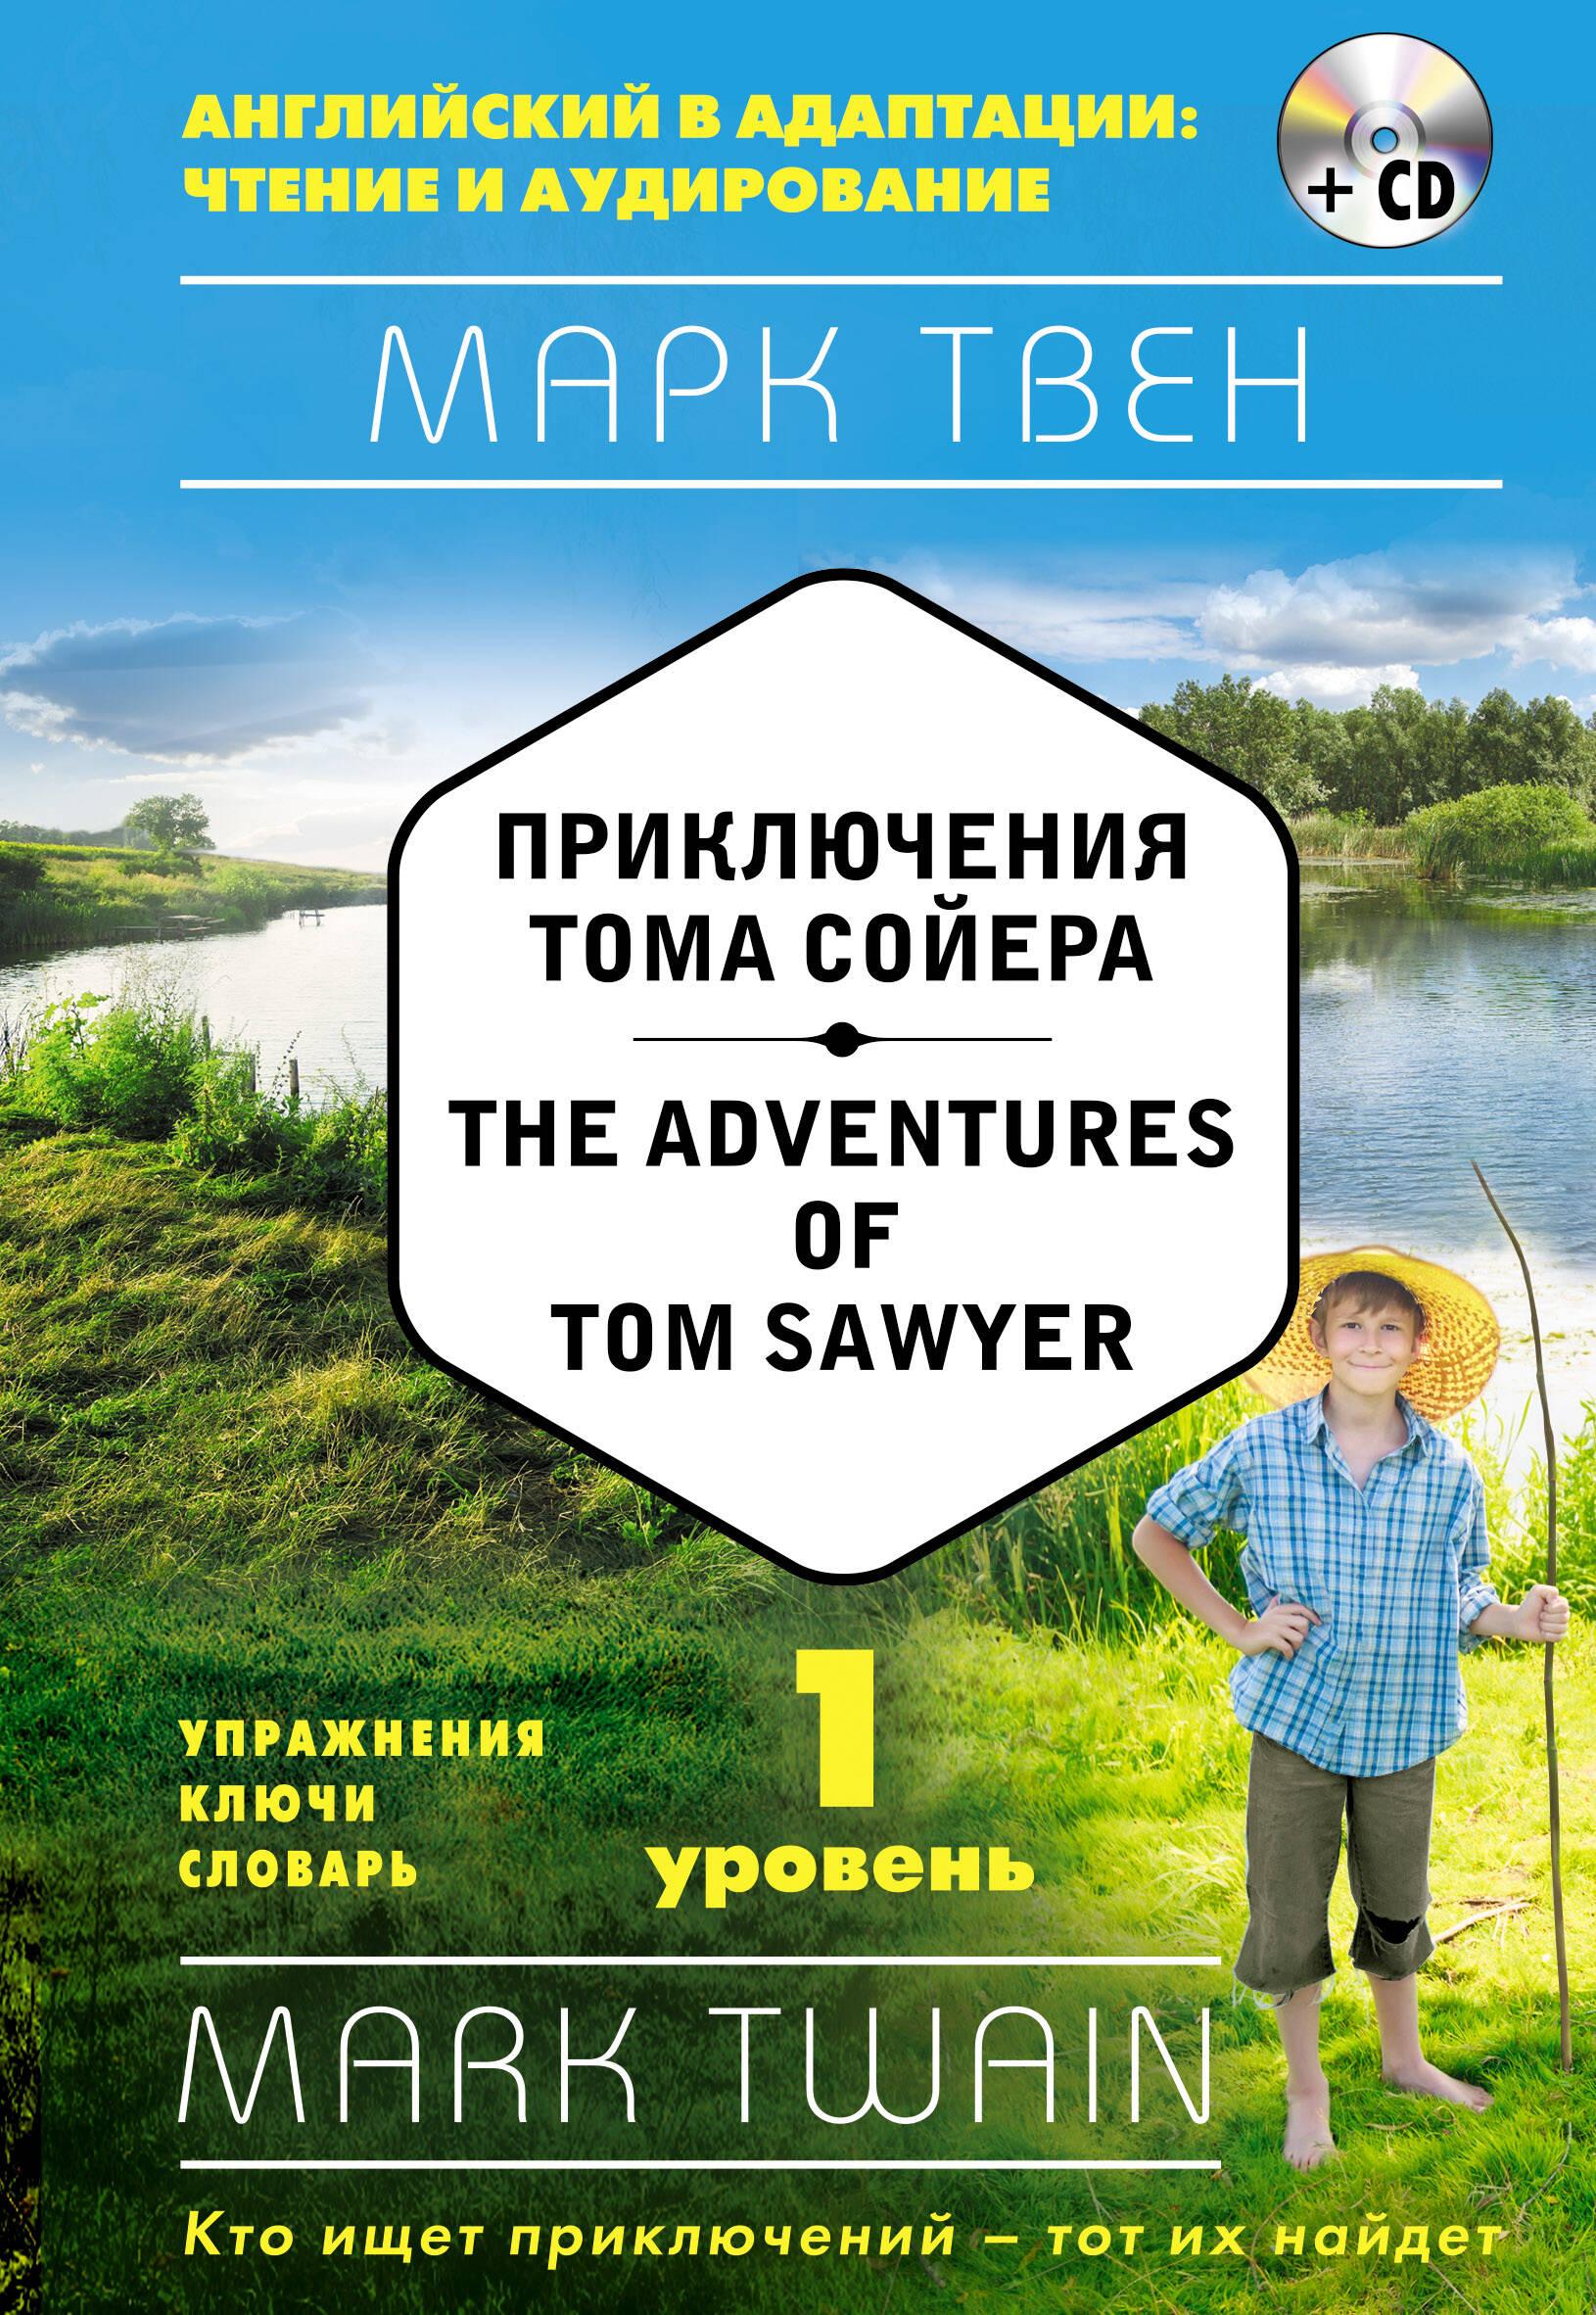 Читать онлайн приключения тома сойера отзыв